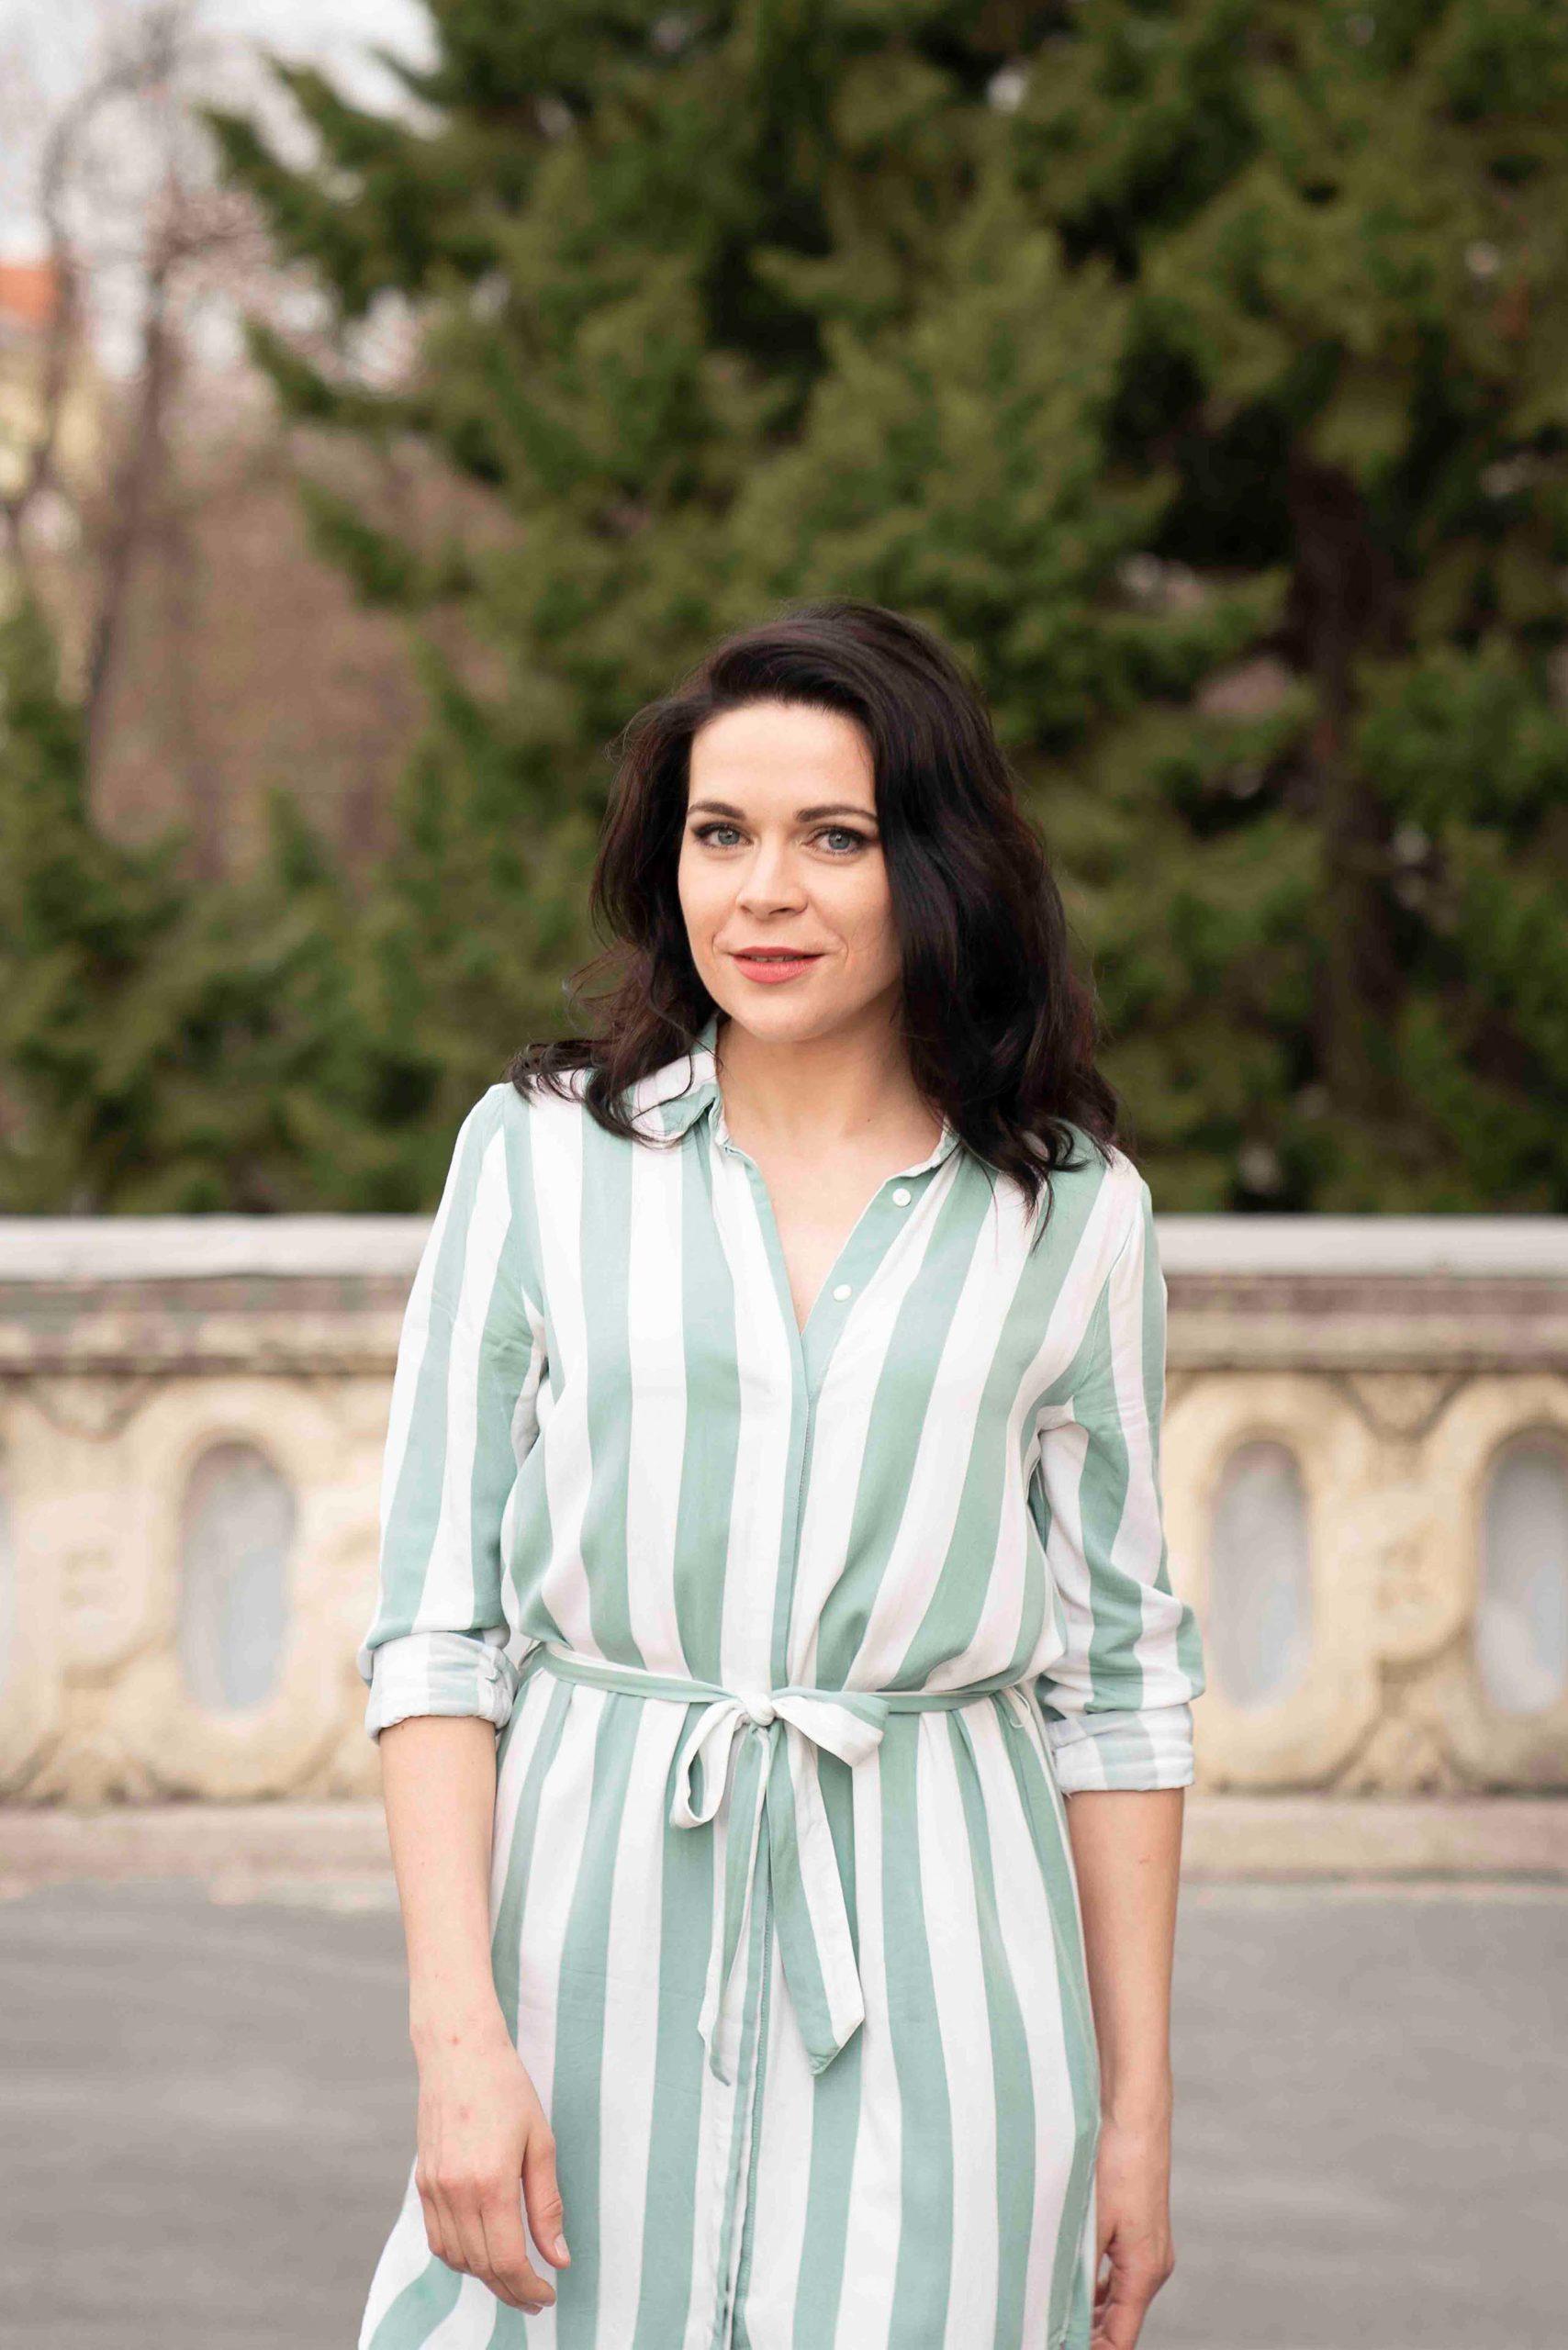 Sieglinde Feldhofer in grün gestreiftem Kleid bei Fotoshooting für die neue Website © Sara Sera